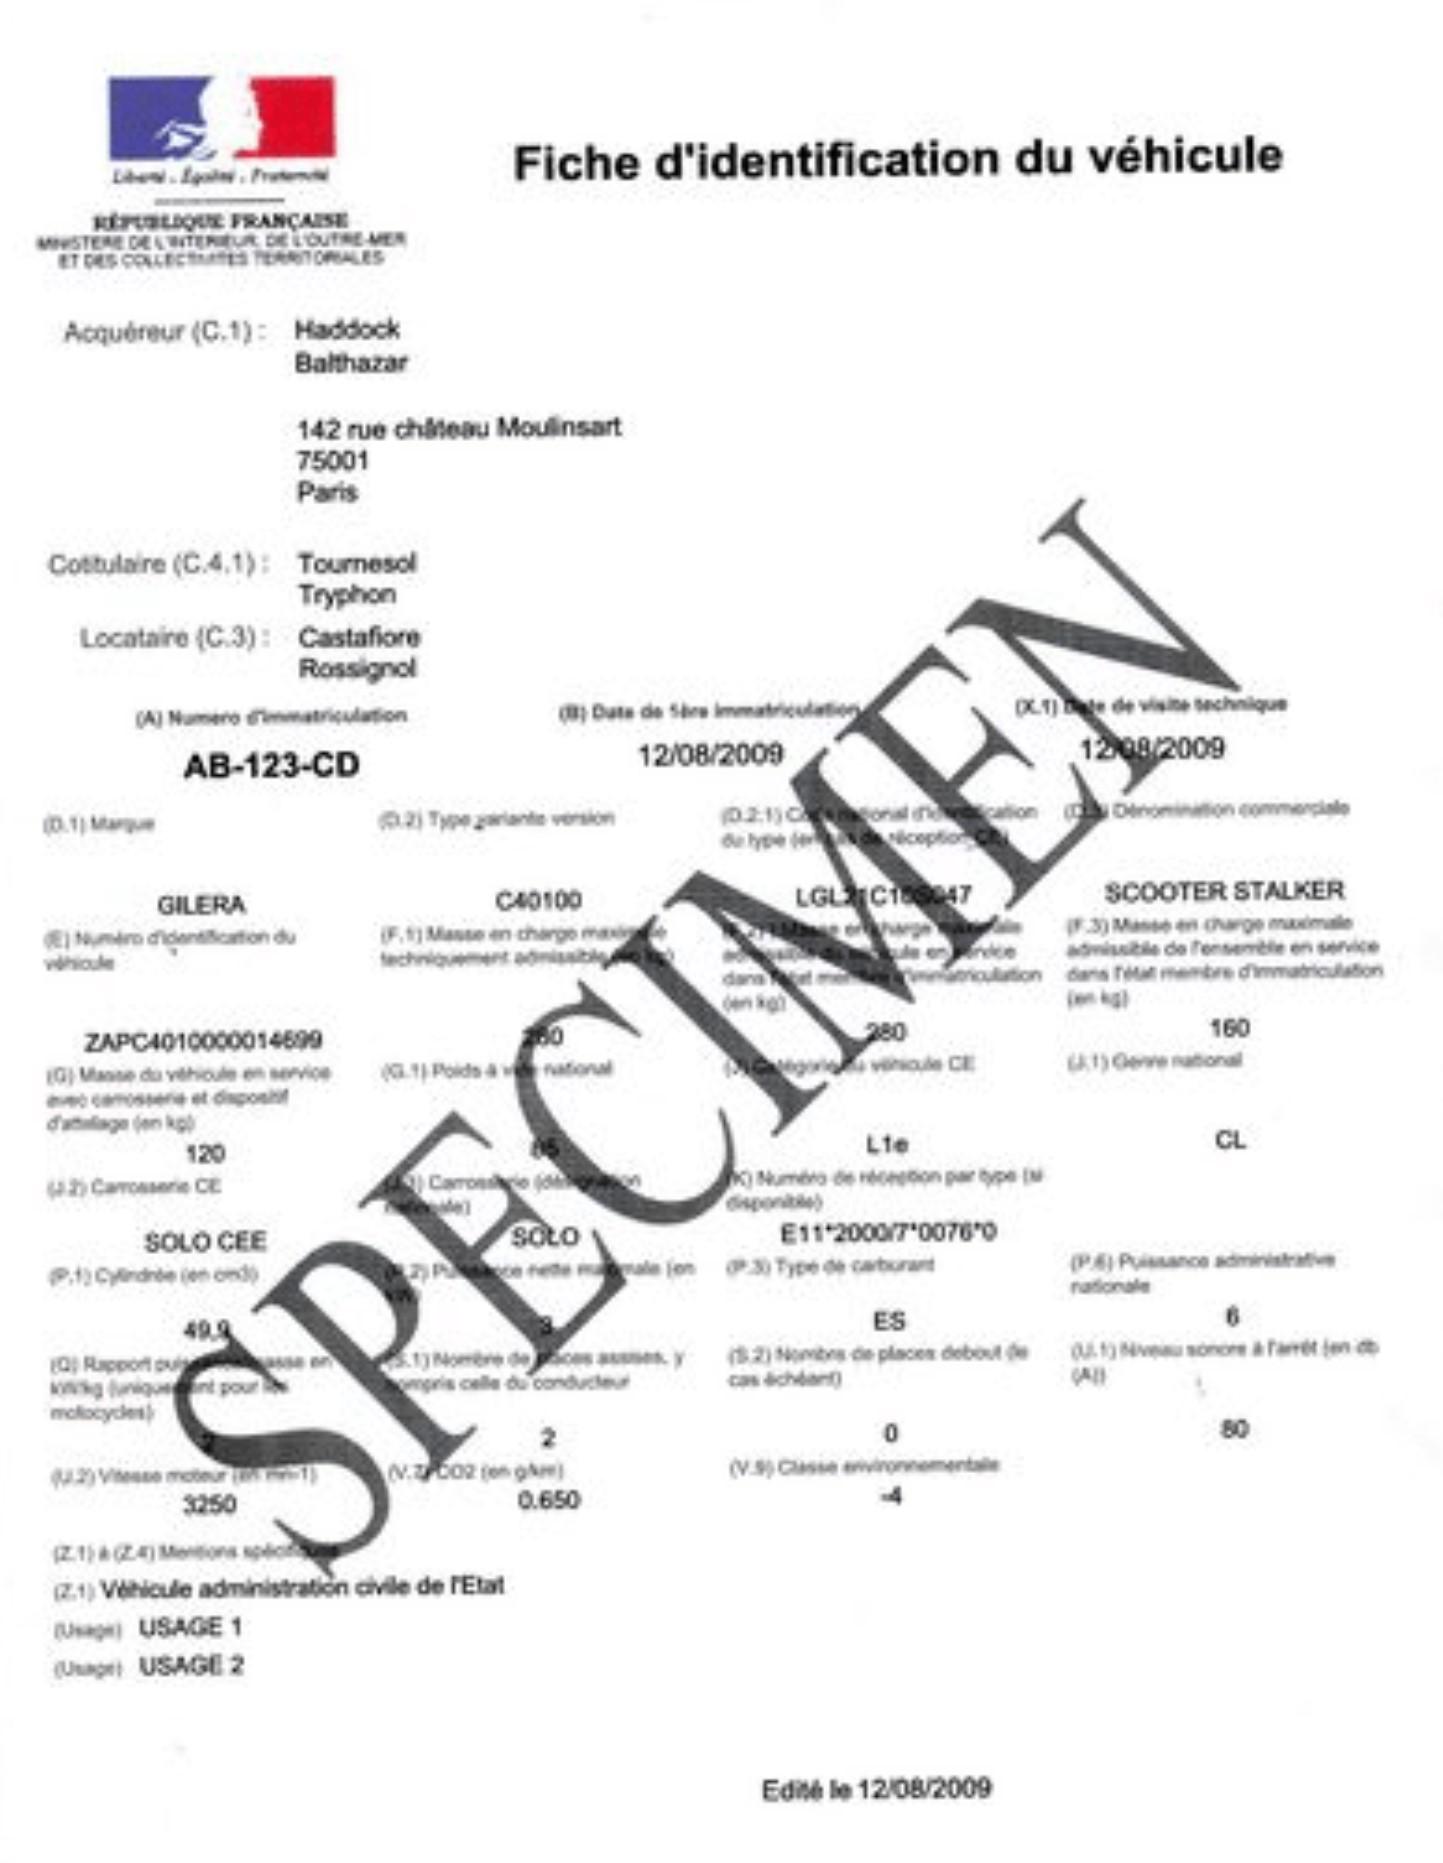 specimen fiche d'identification du véhicule